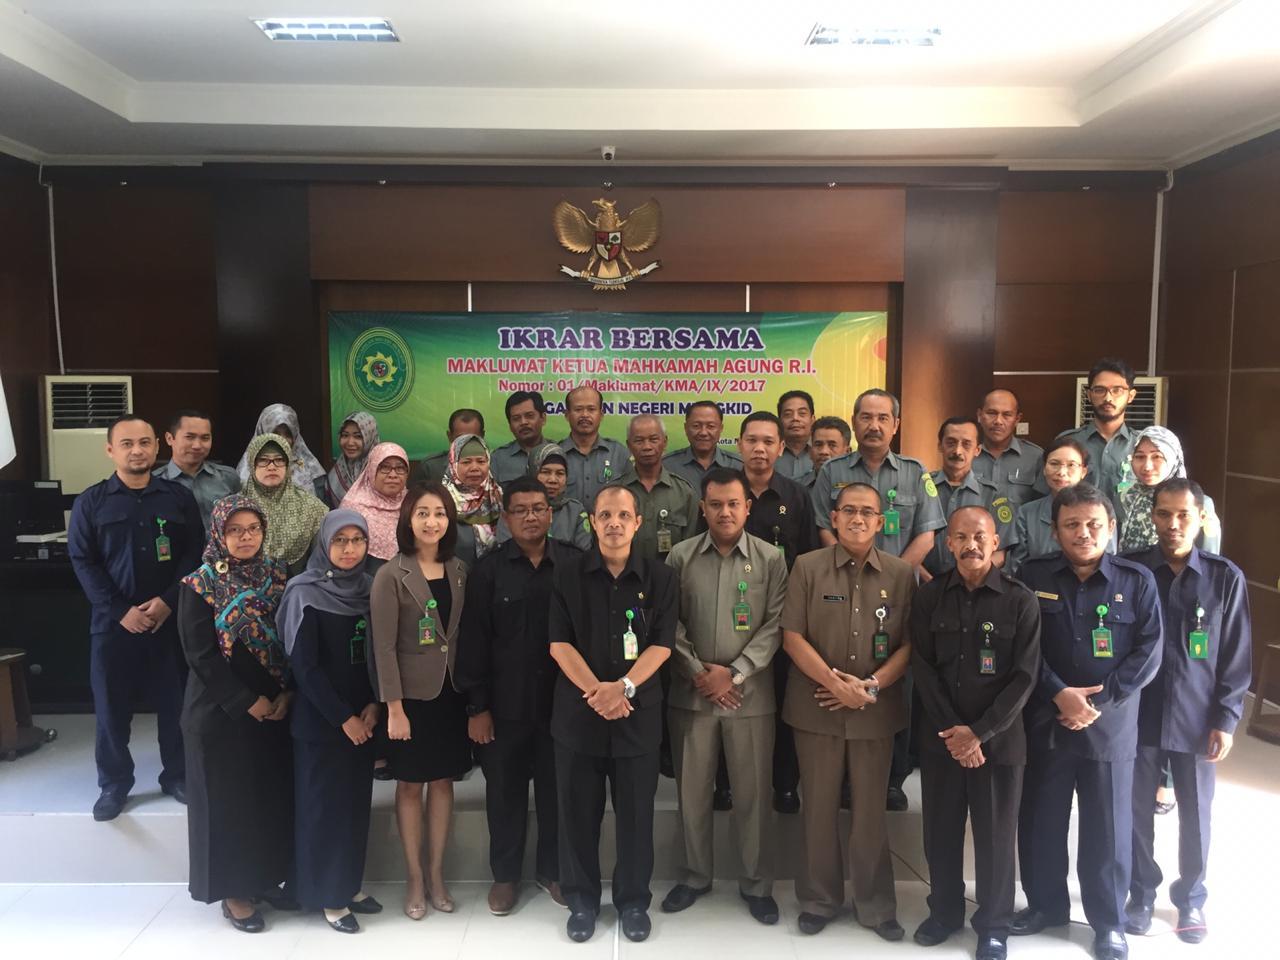 Pengukuhan Kembali Ikrar Bersama Maklumat KMA 01/Maklumat/KMA/IX/2017